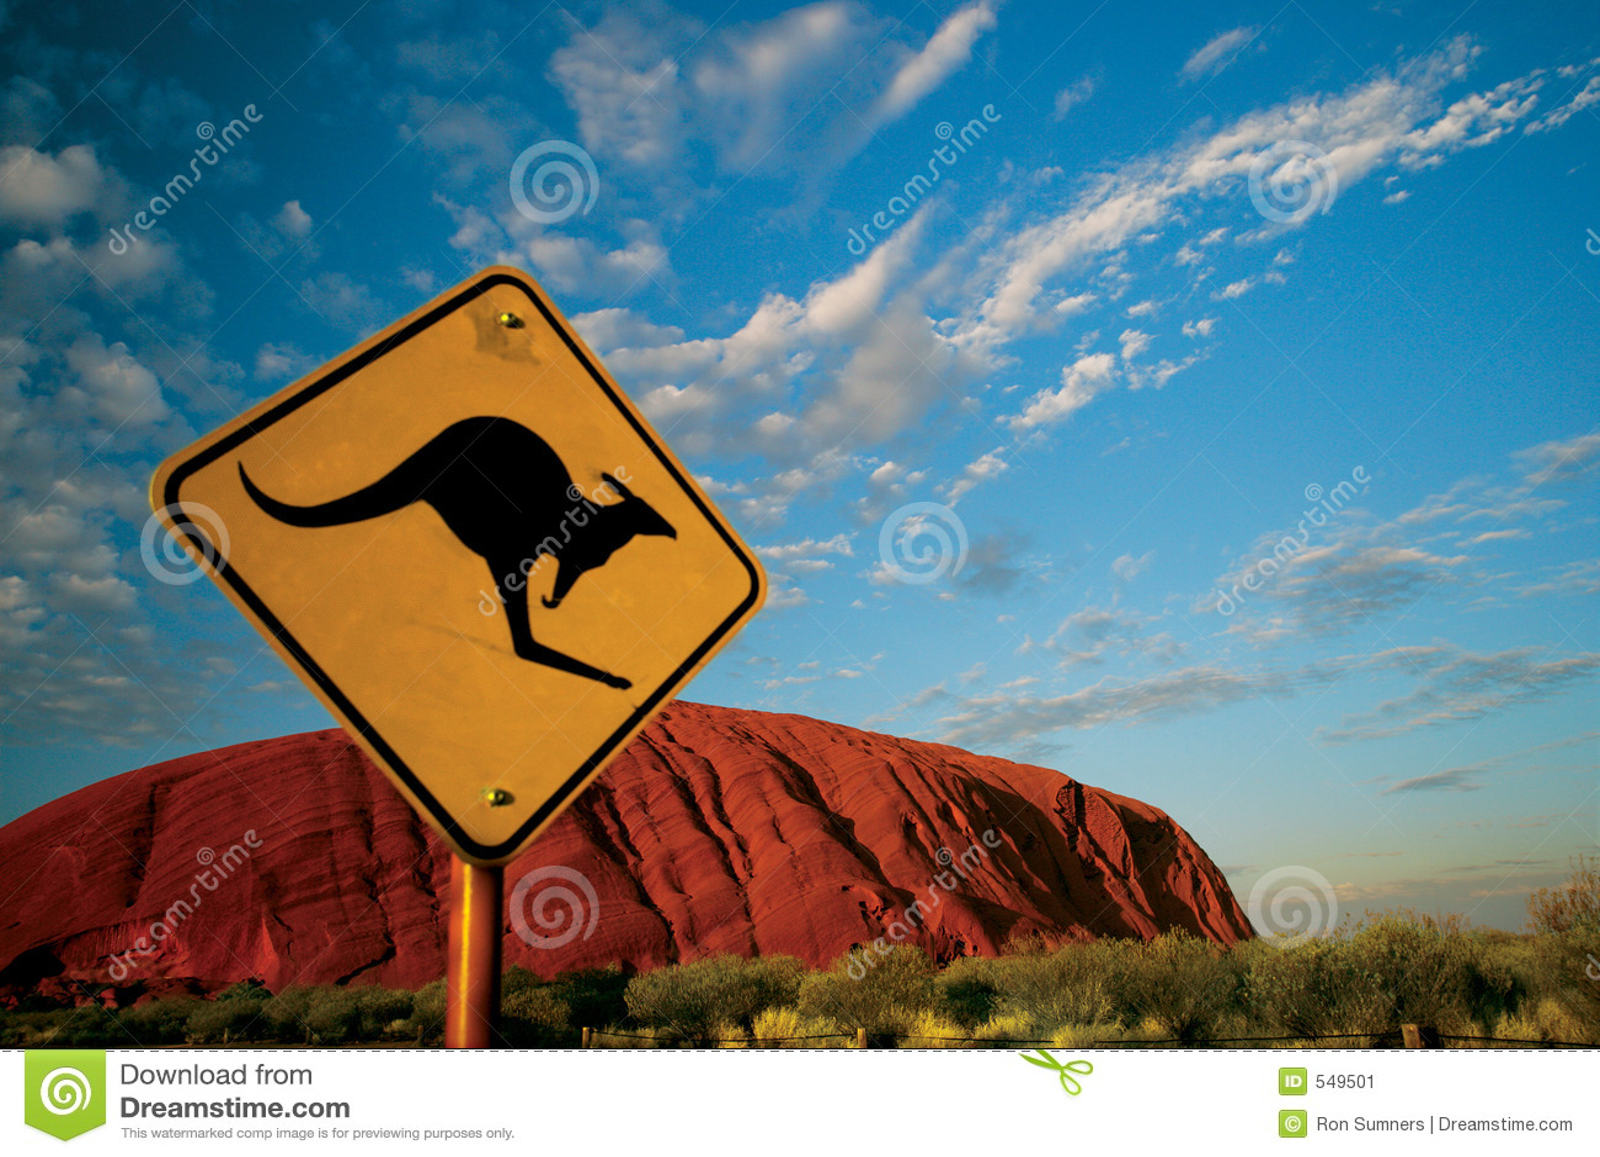 Kangaroo Ayers Rock